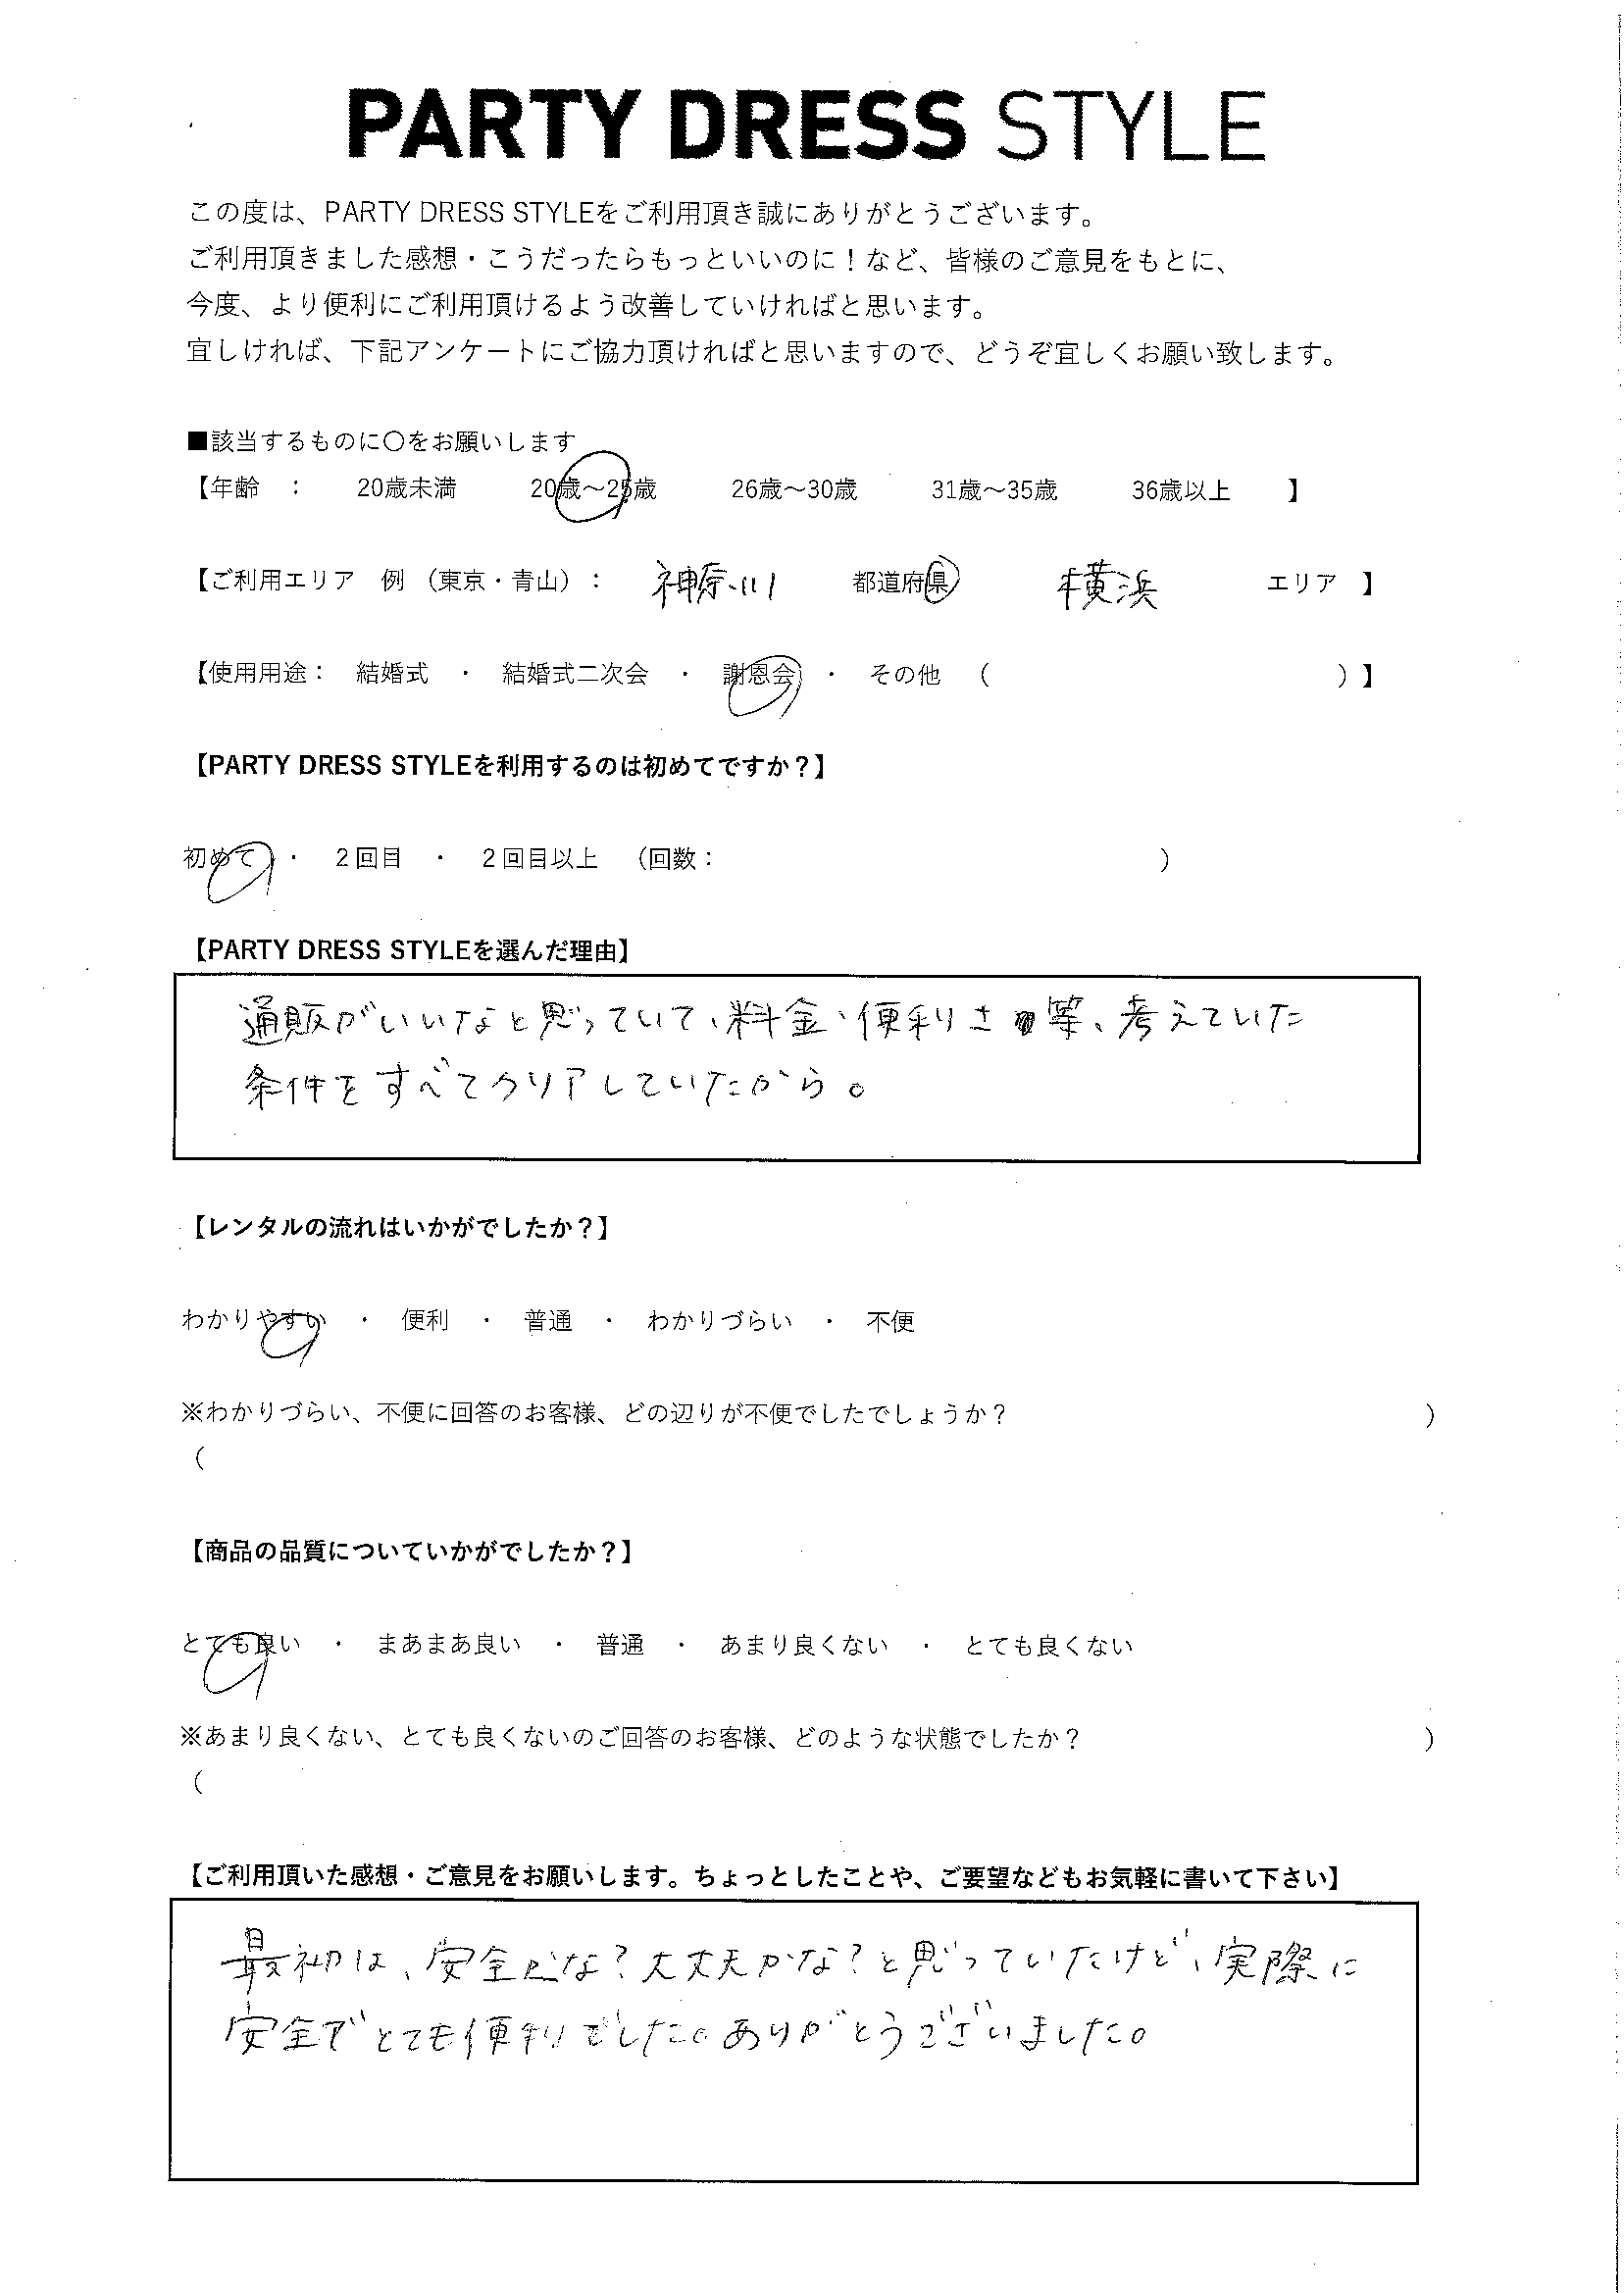 3/14 謝恩会 神奈川・横浜エリア